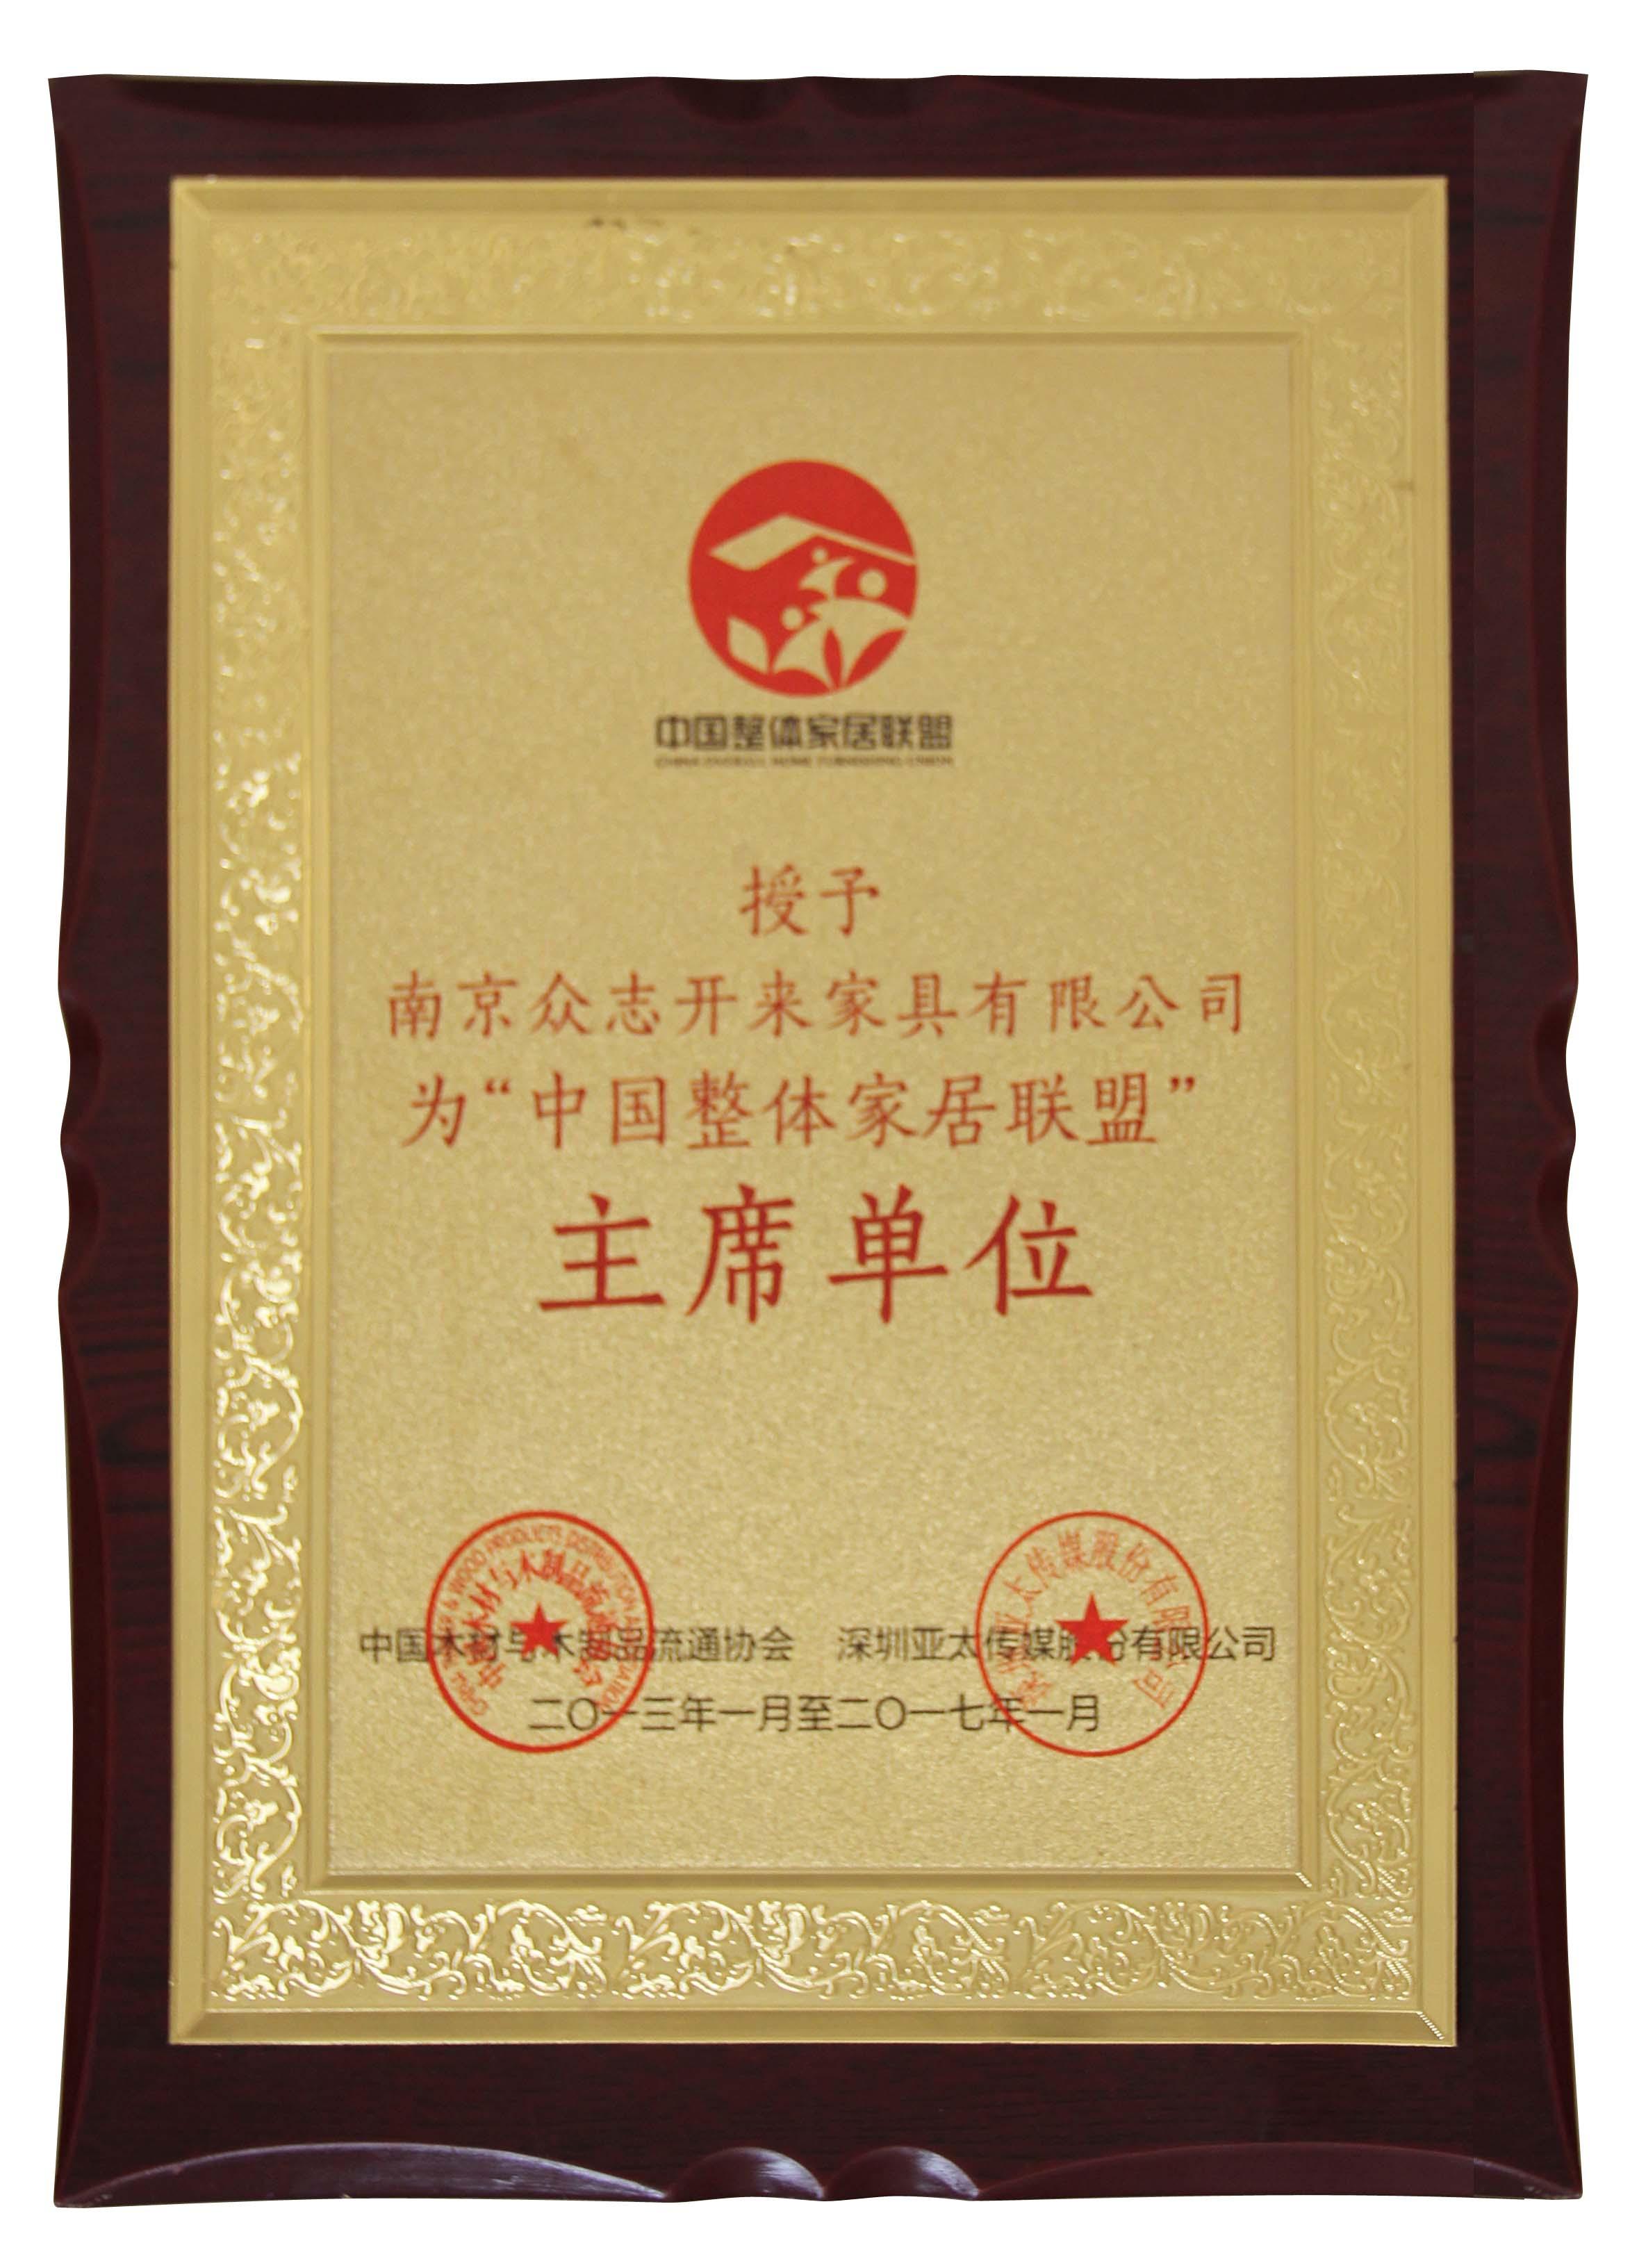 中国整体家居联盟主席单位